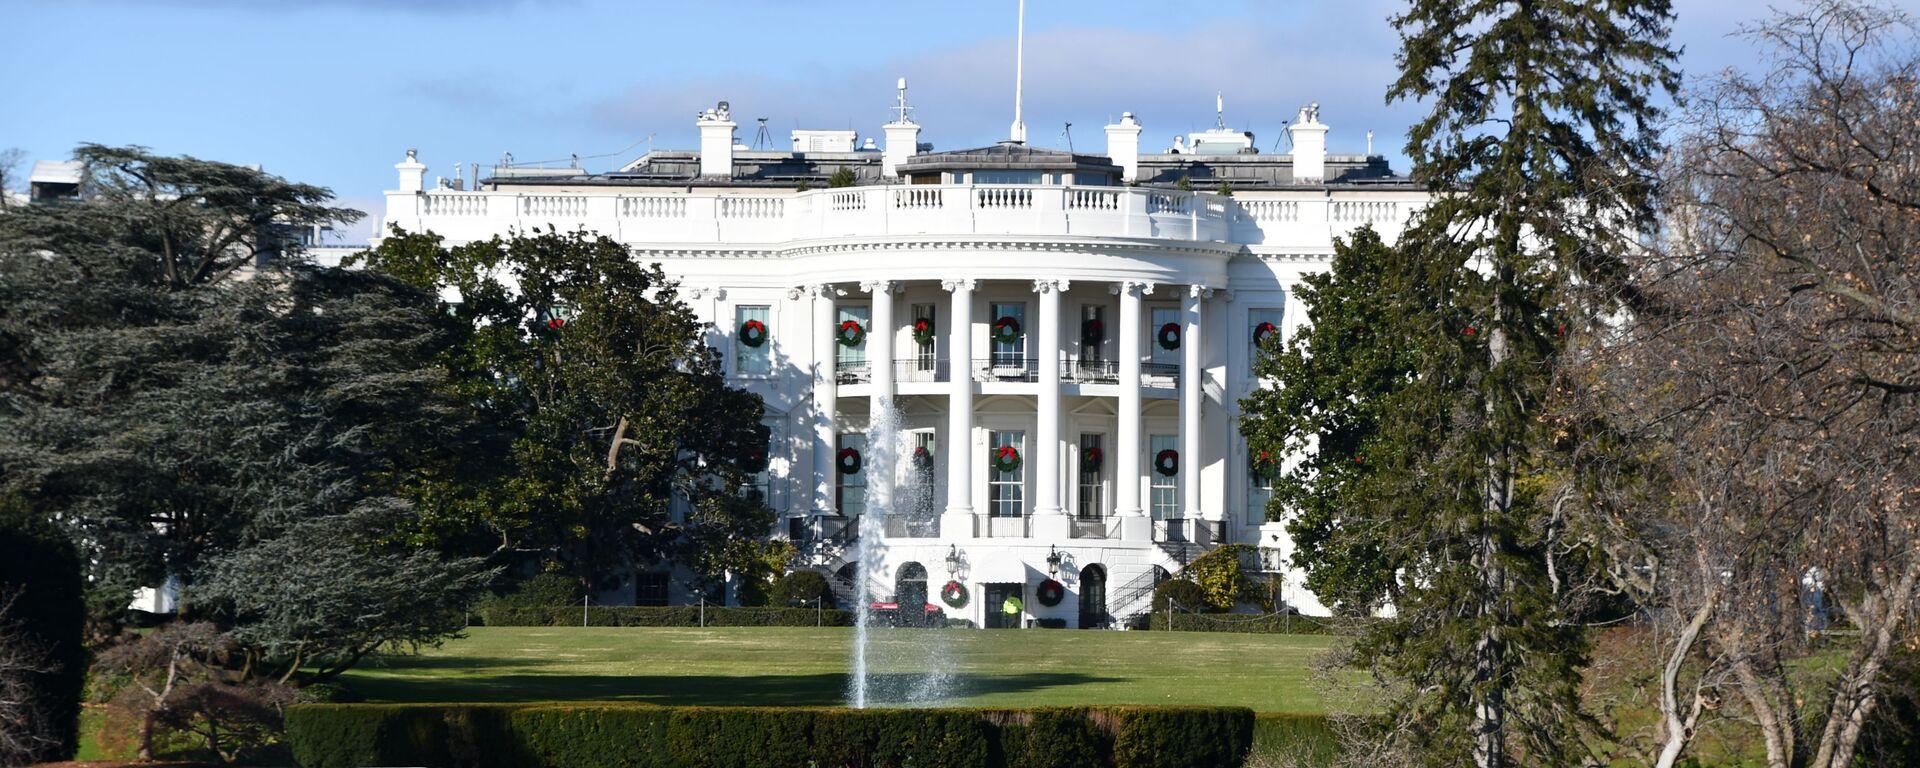 Biały Dom w Waszyngtonie - Sputnik Polska, 1920, 23.07.2021